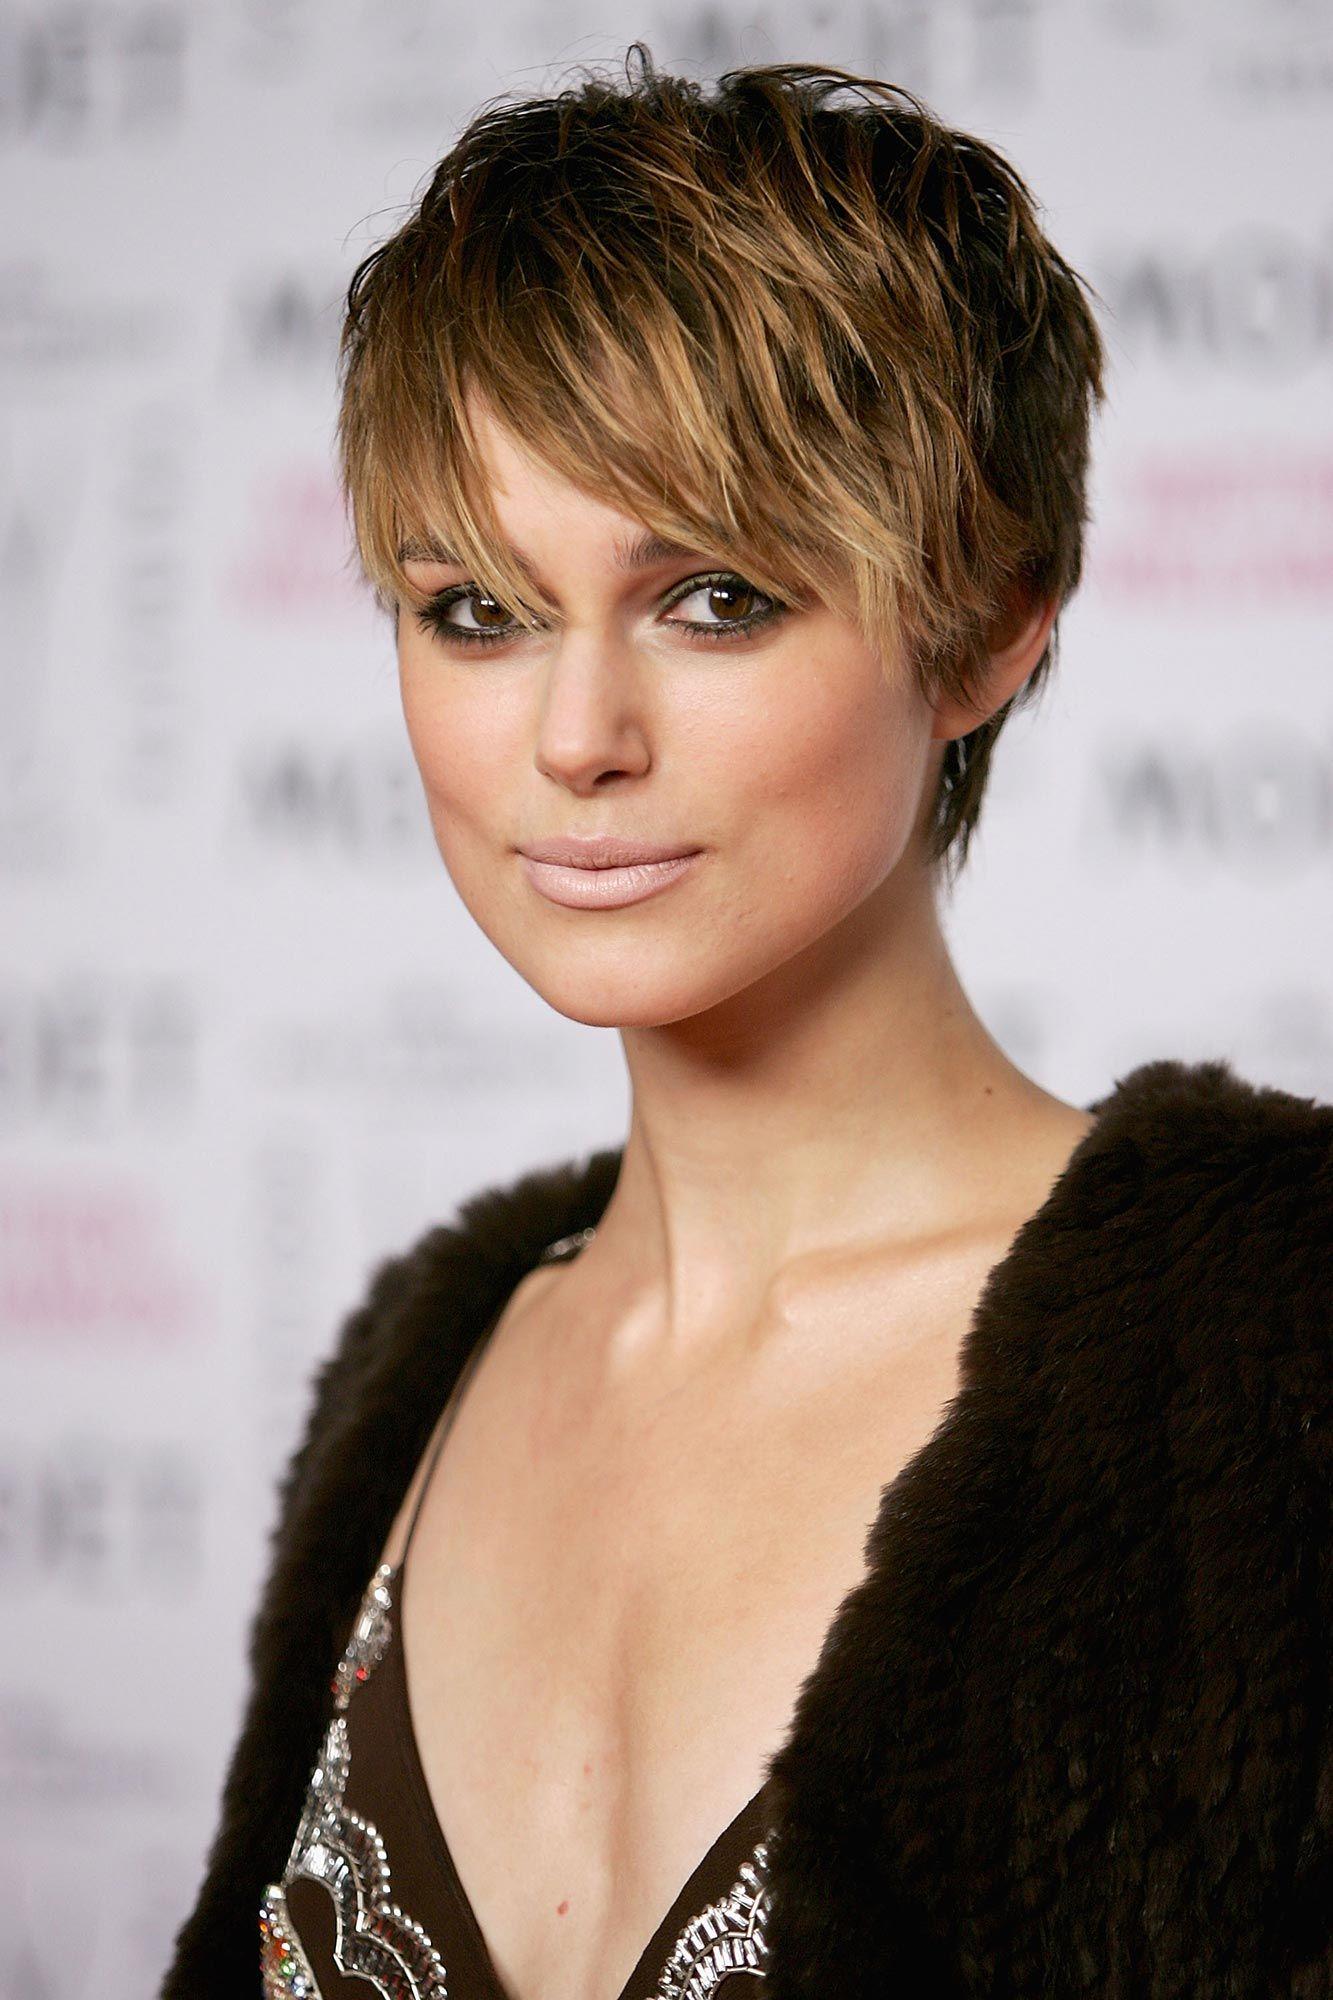 Corte de pelo para cara redonda imagenes